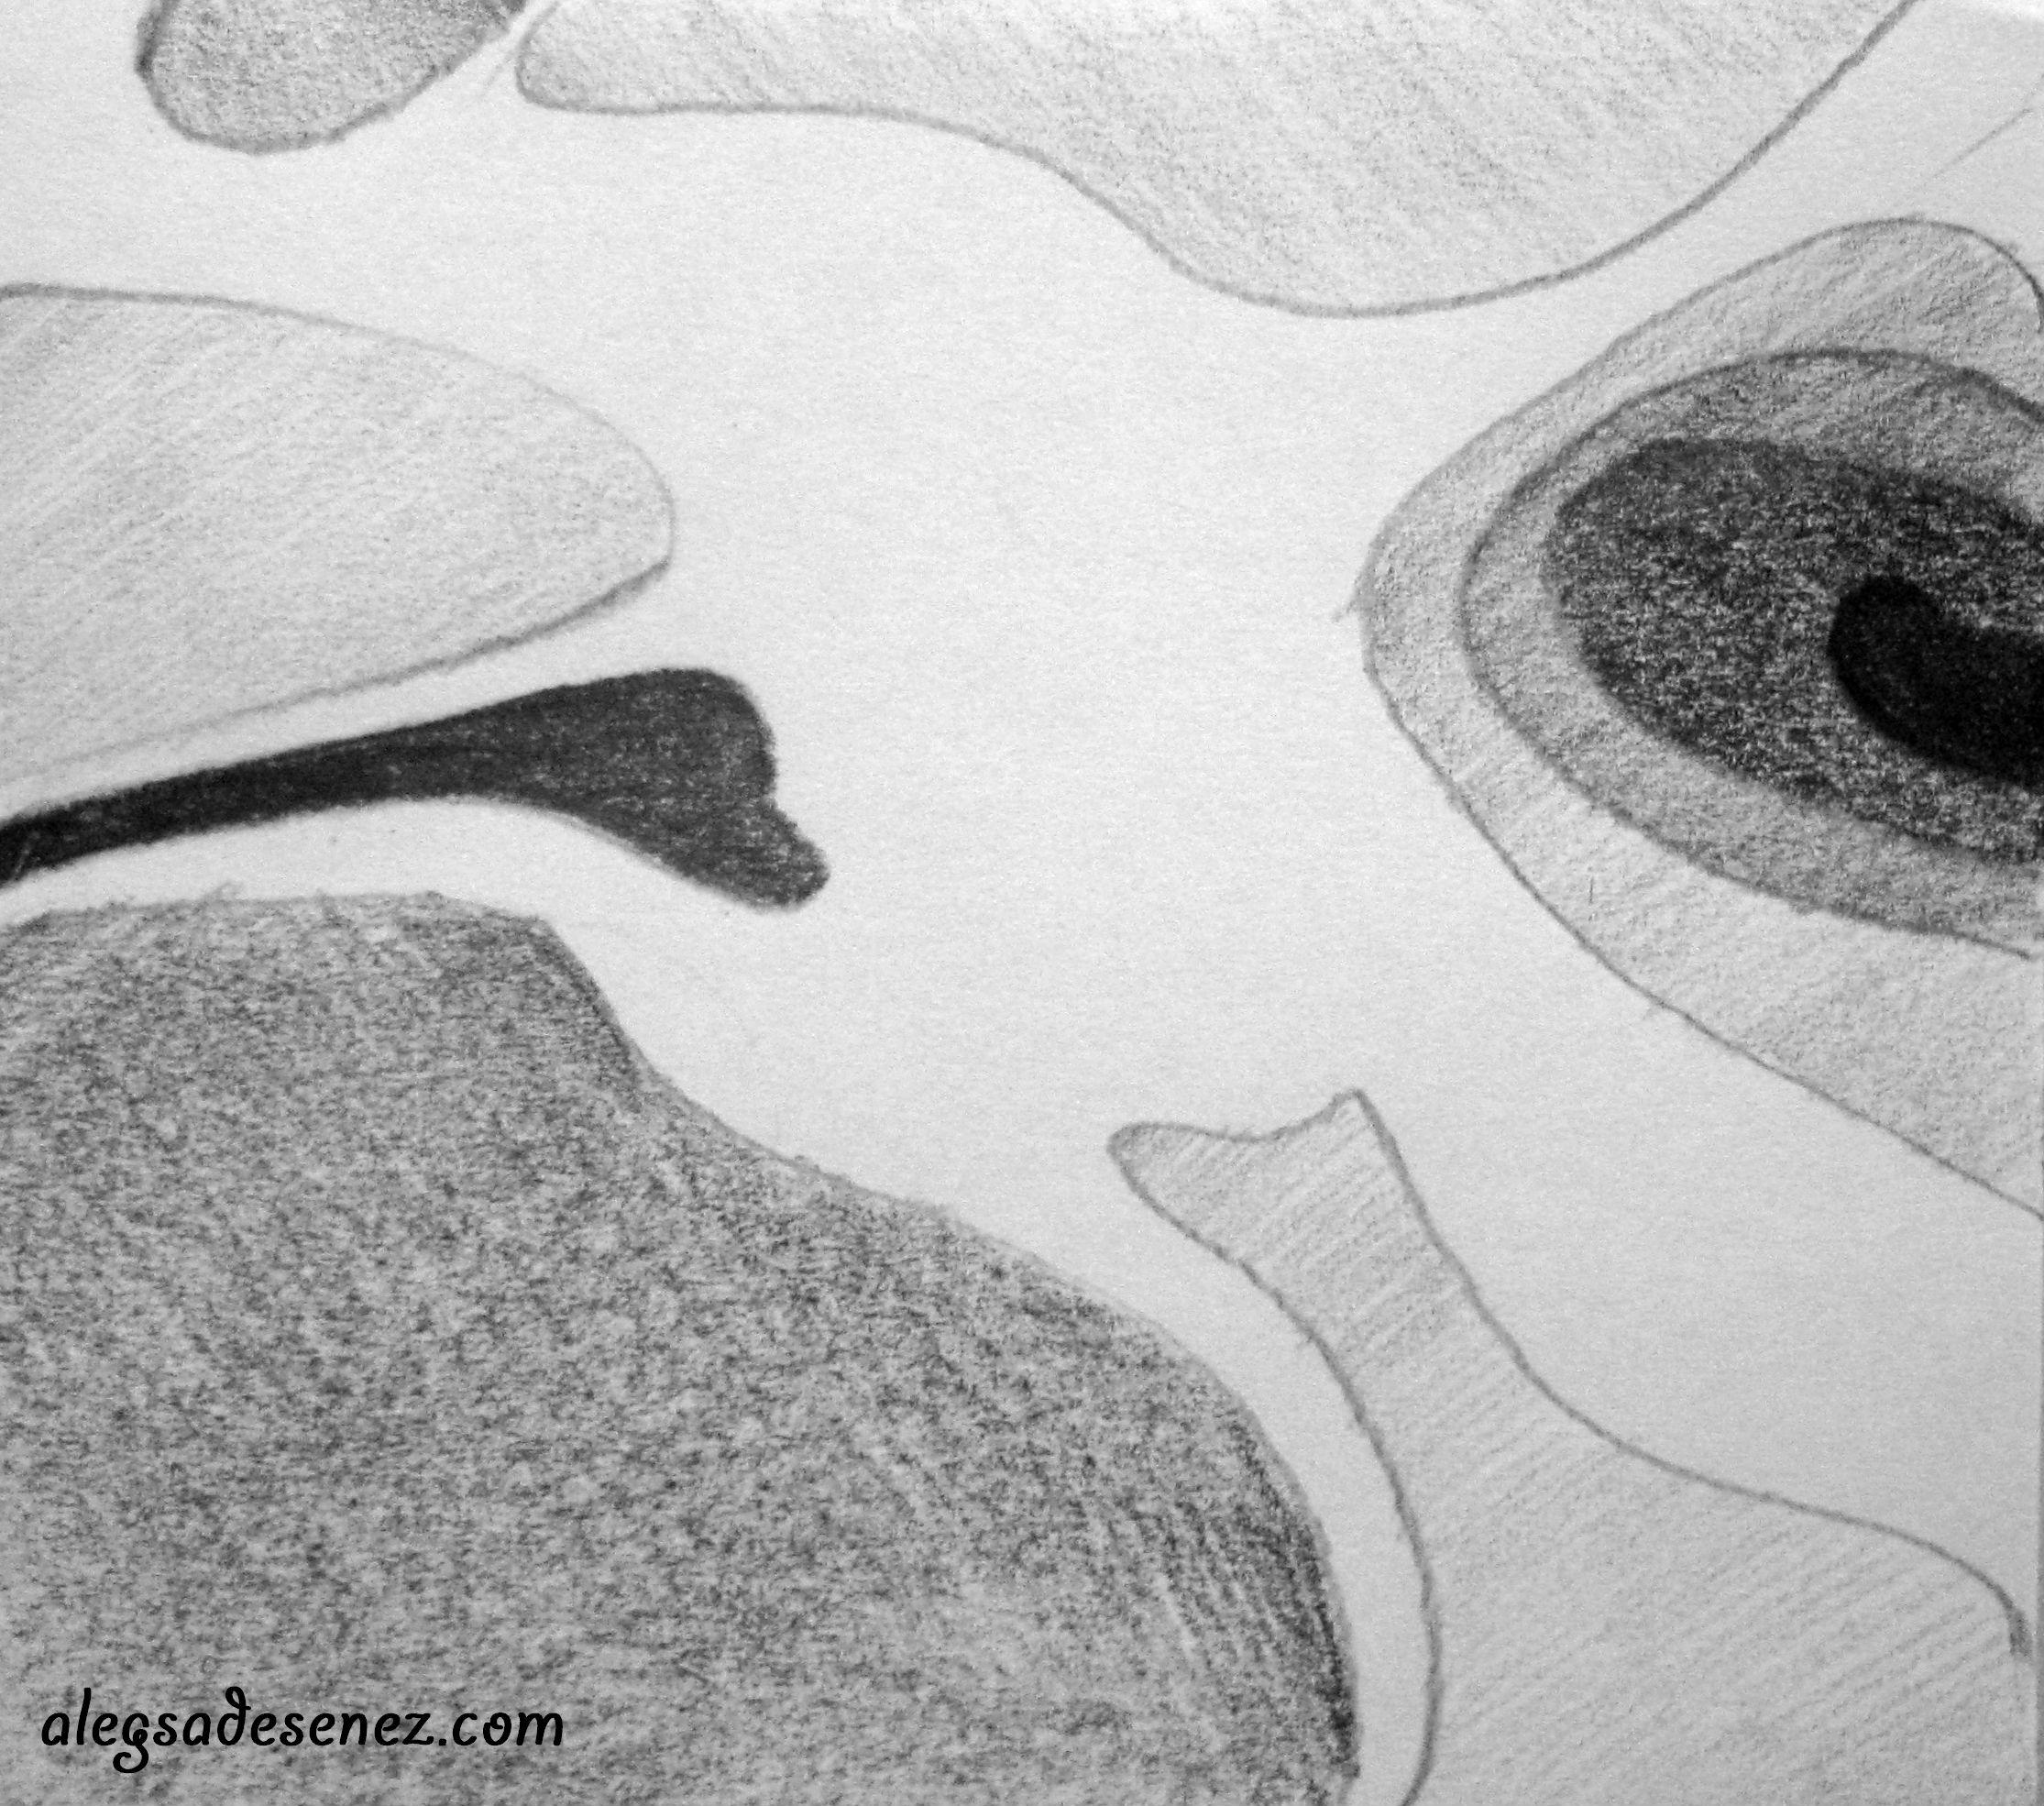 Hasura, de la lumina la intuneric (contrastul)